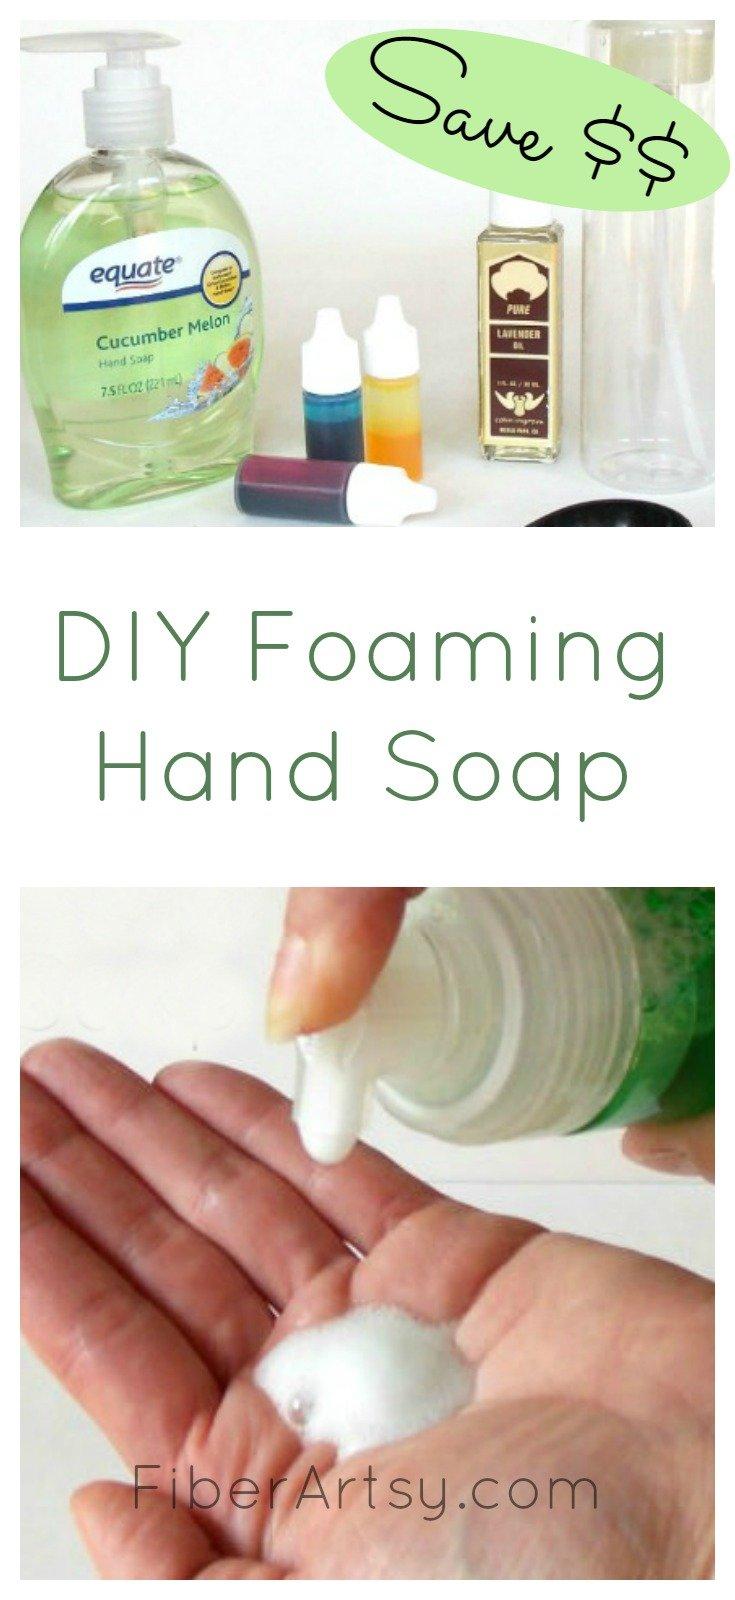 DIY Foaming Soap Recipe, a FiberArtsy.com tutorial